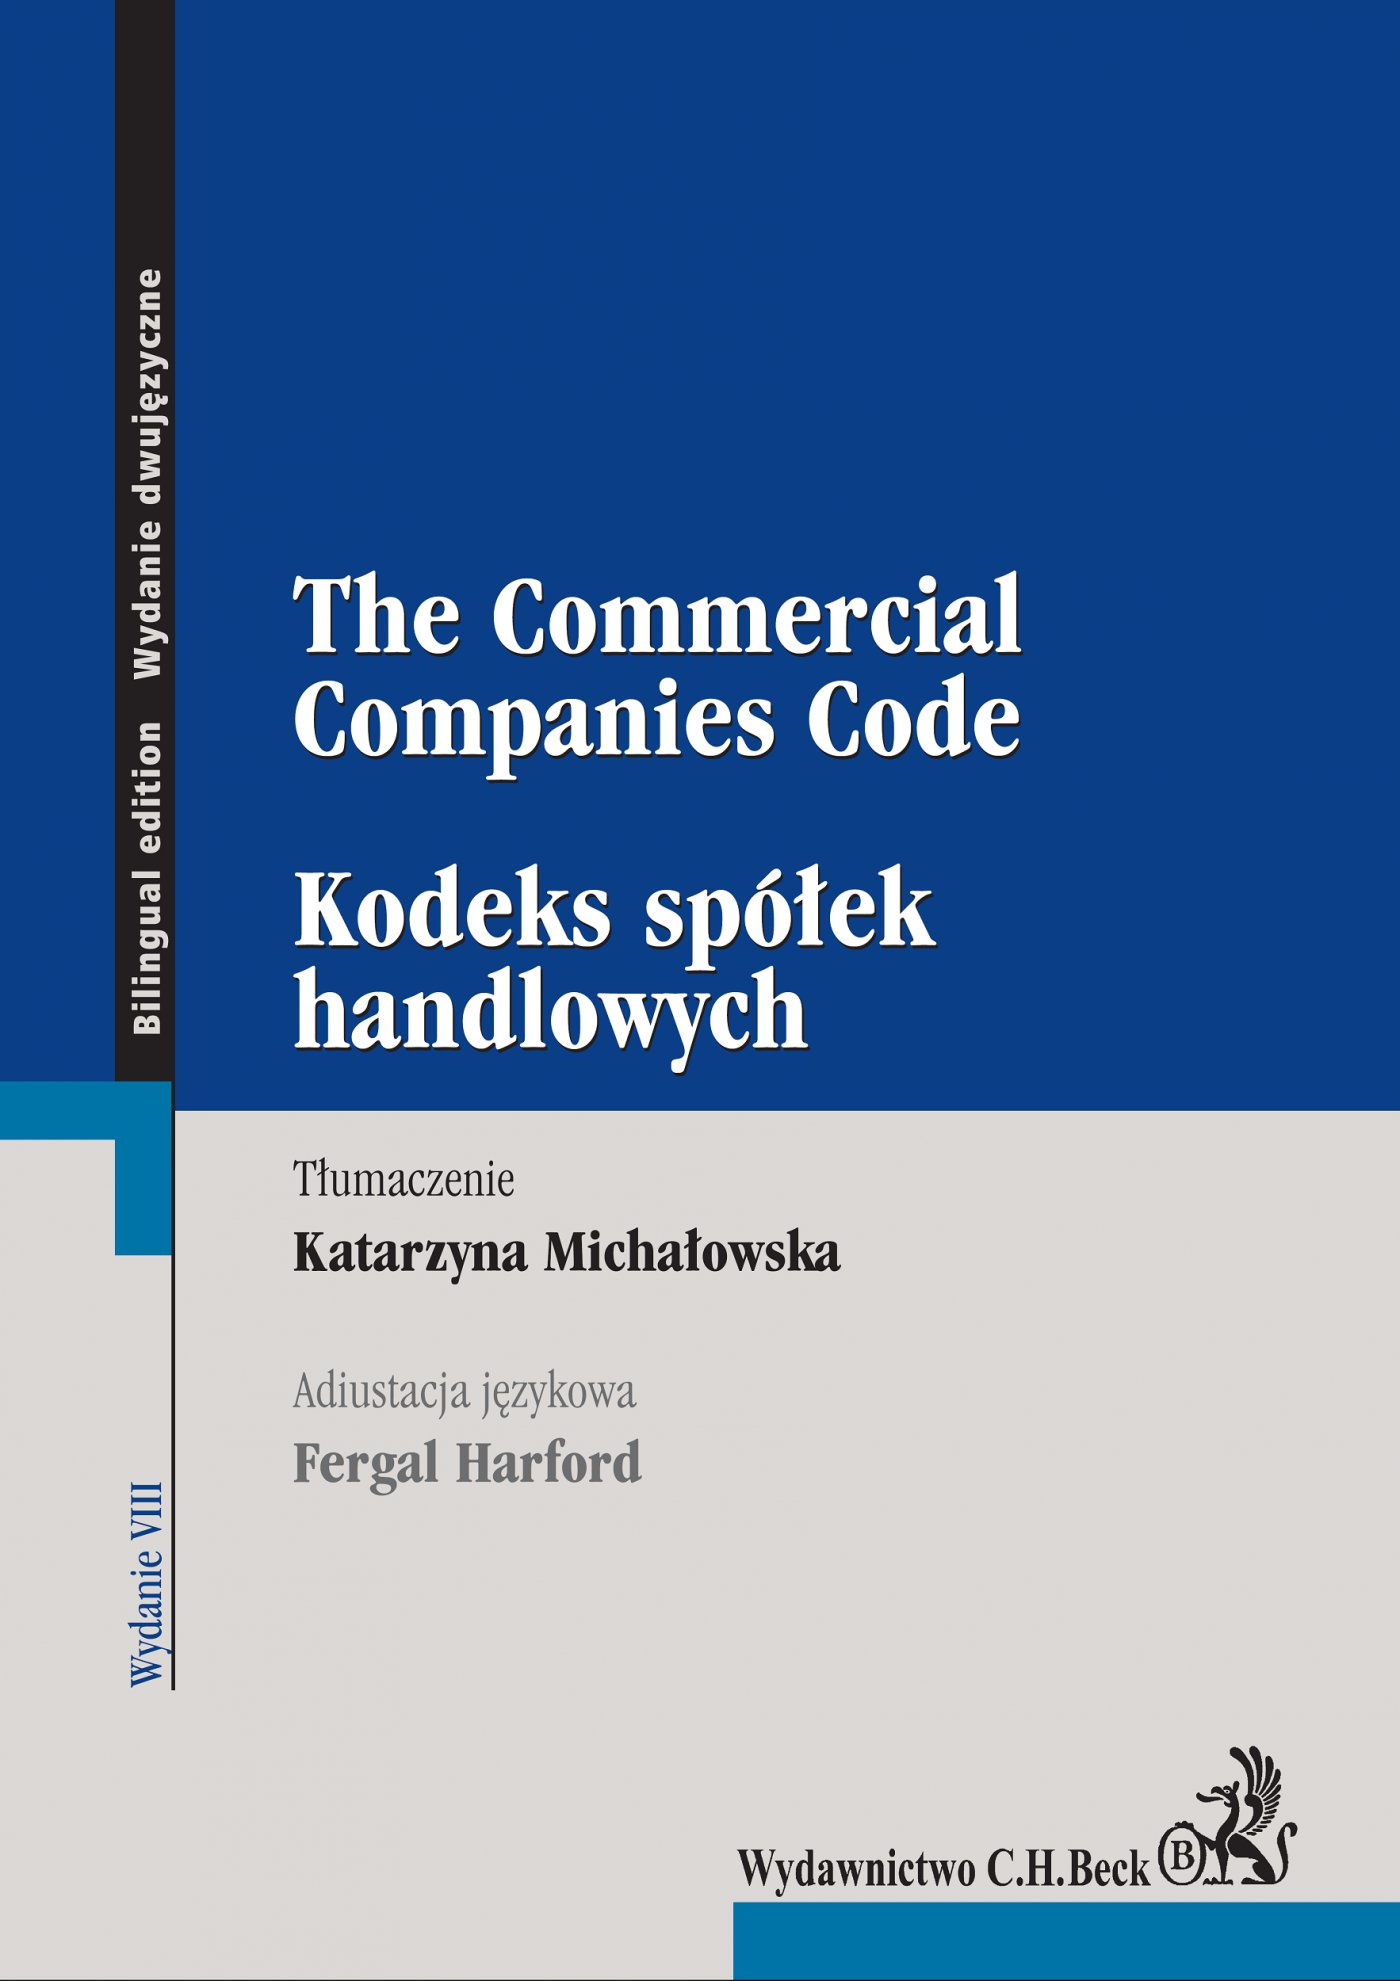 Kodeks spółek handlowych. The Commercial Companies Code - Ebook (Książka PDF) do pobrania w formacie PDF